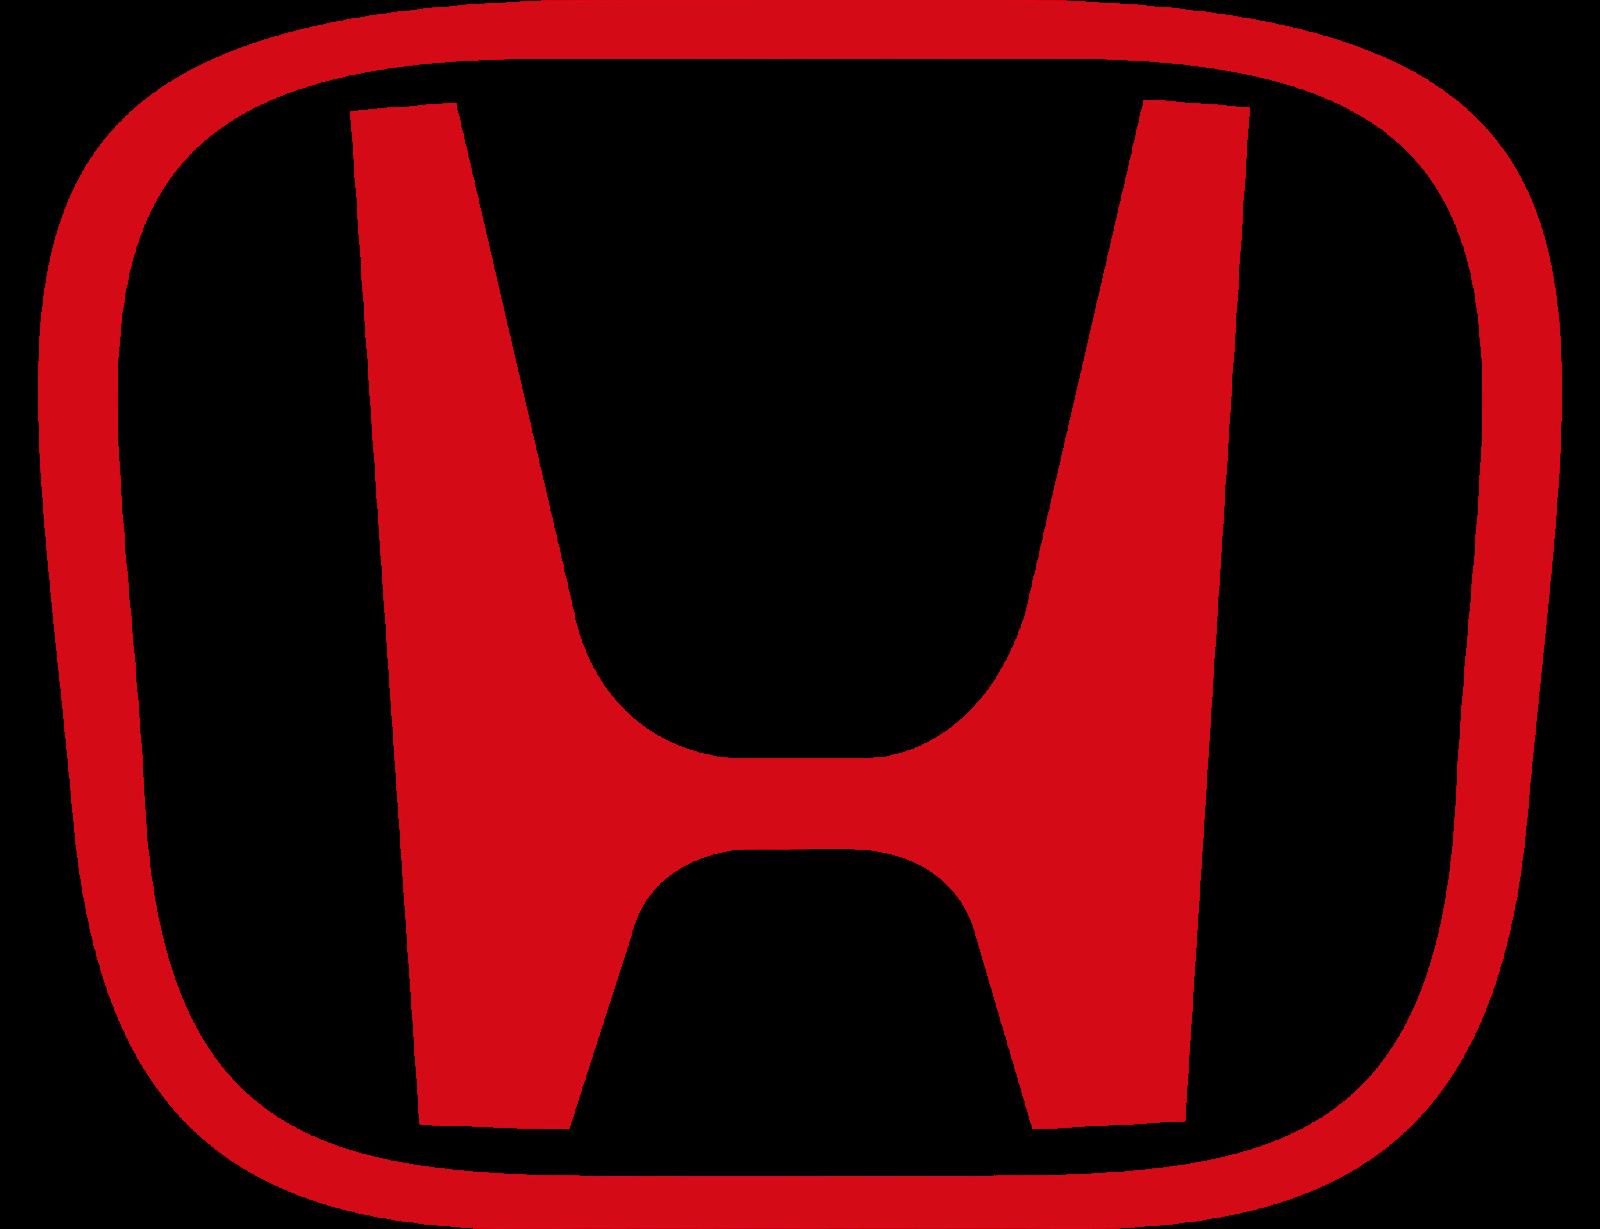 Honda H Symbol Png image #44816